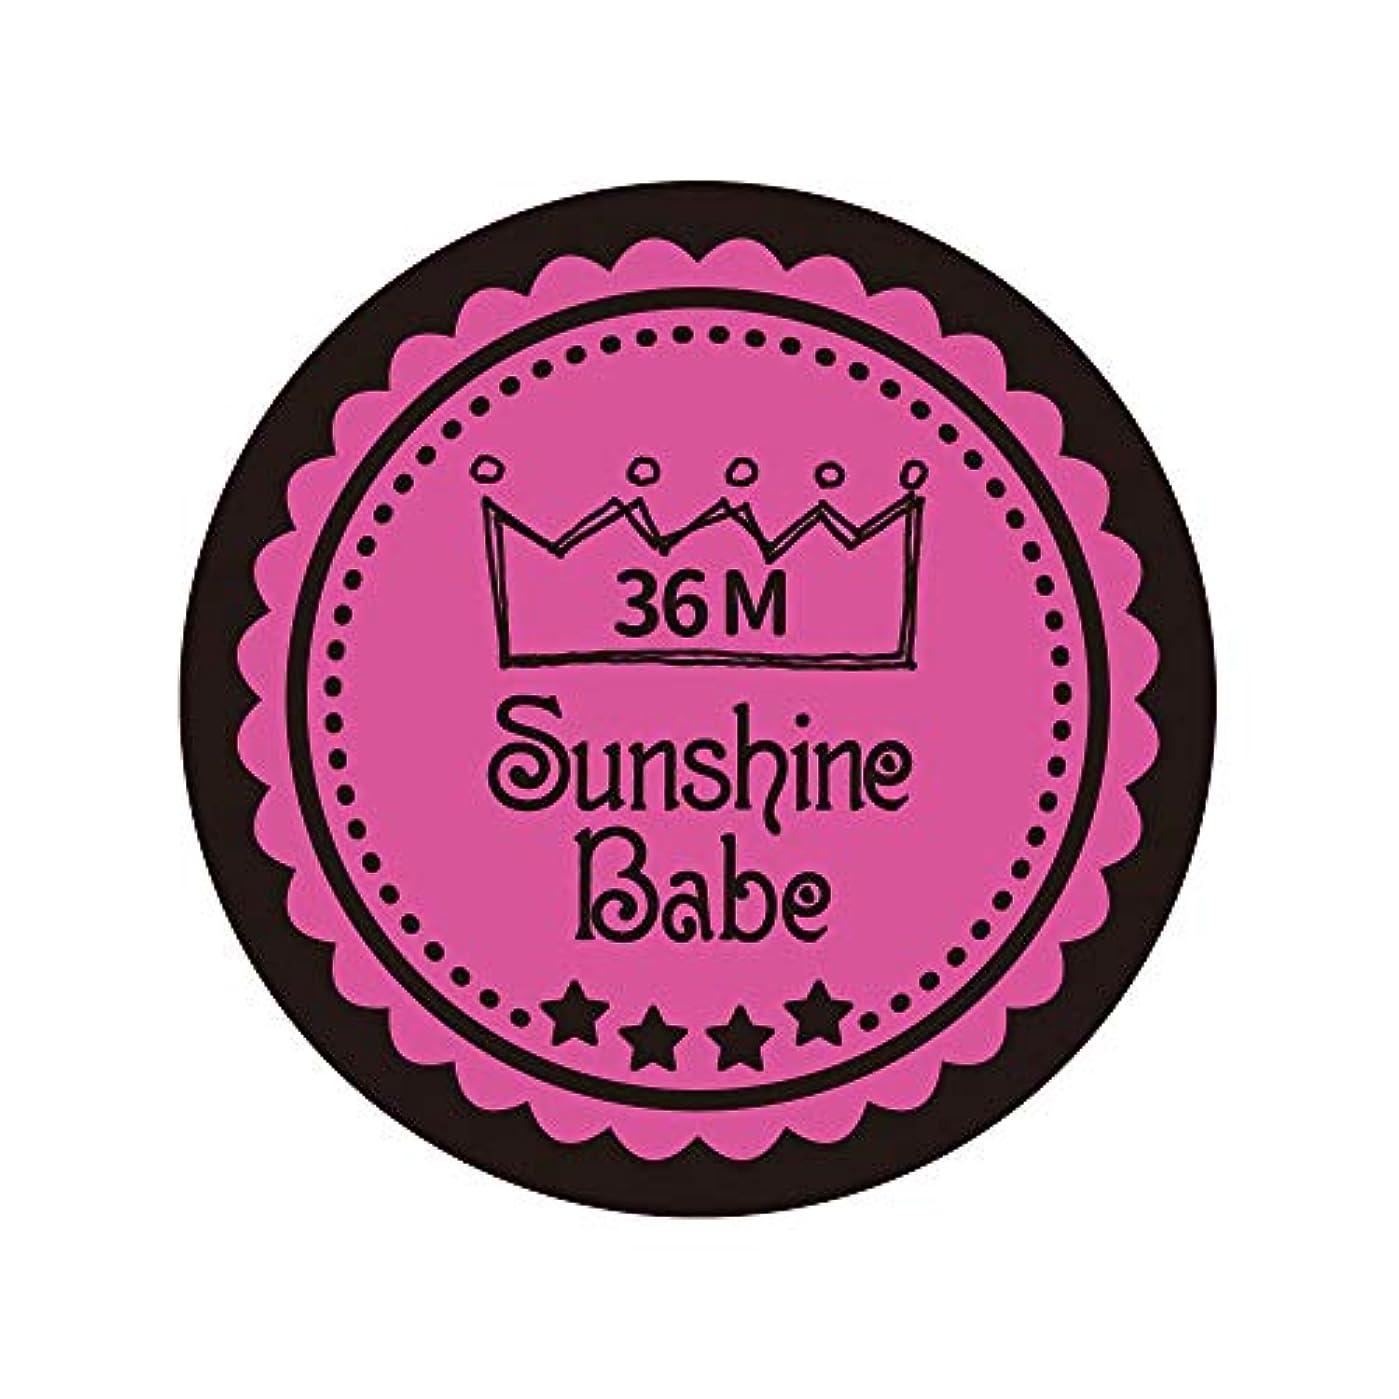 バッフルハブブポルトガル語Sunshine Babe カラージェル 36M クロッカスピンク 4g UV/LED対応